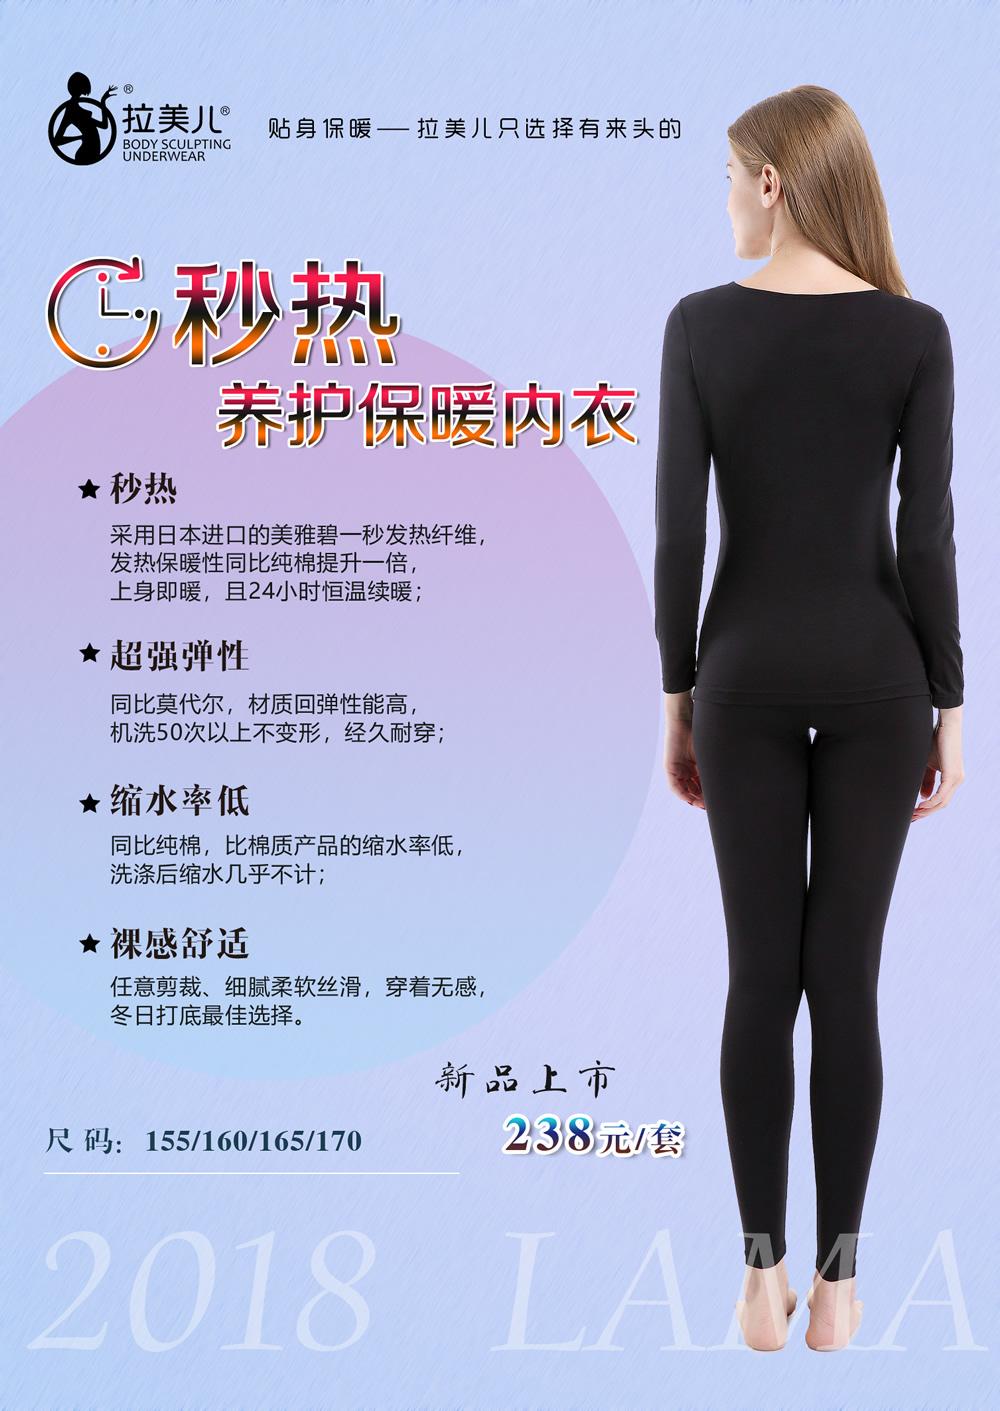 秒热养护保暖内衣